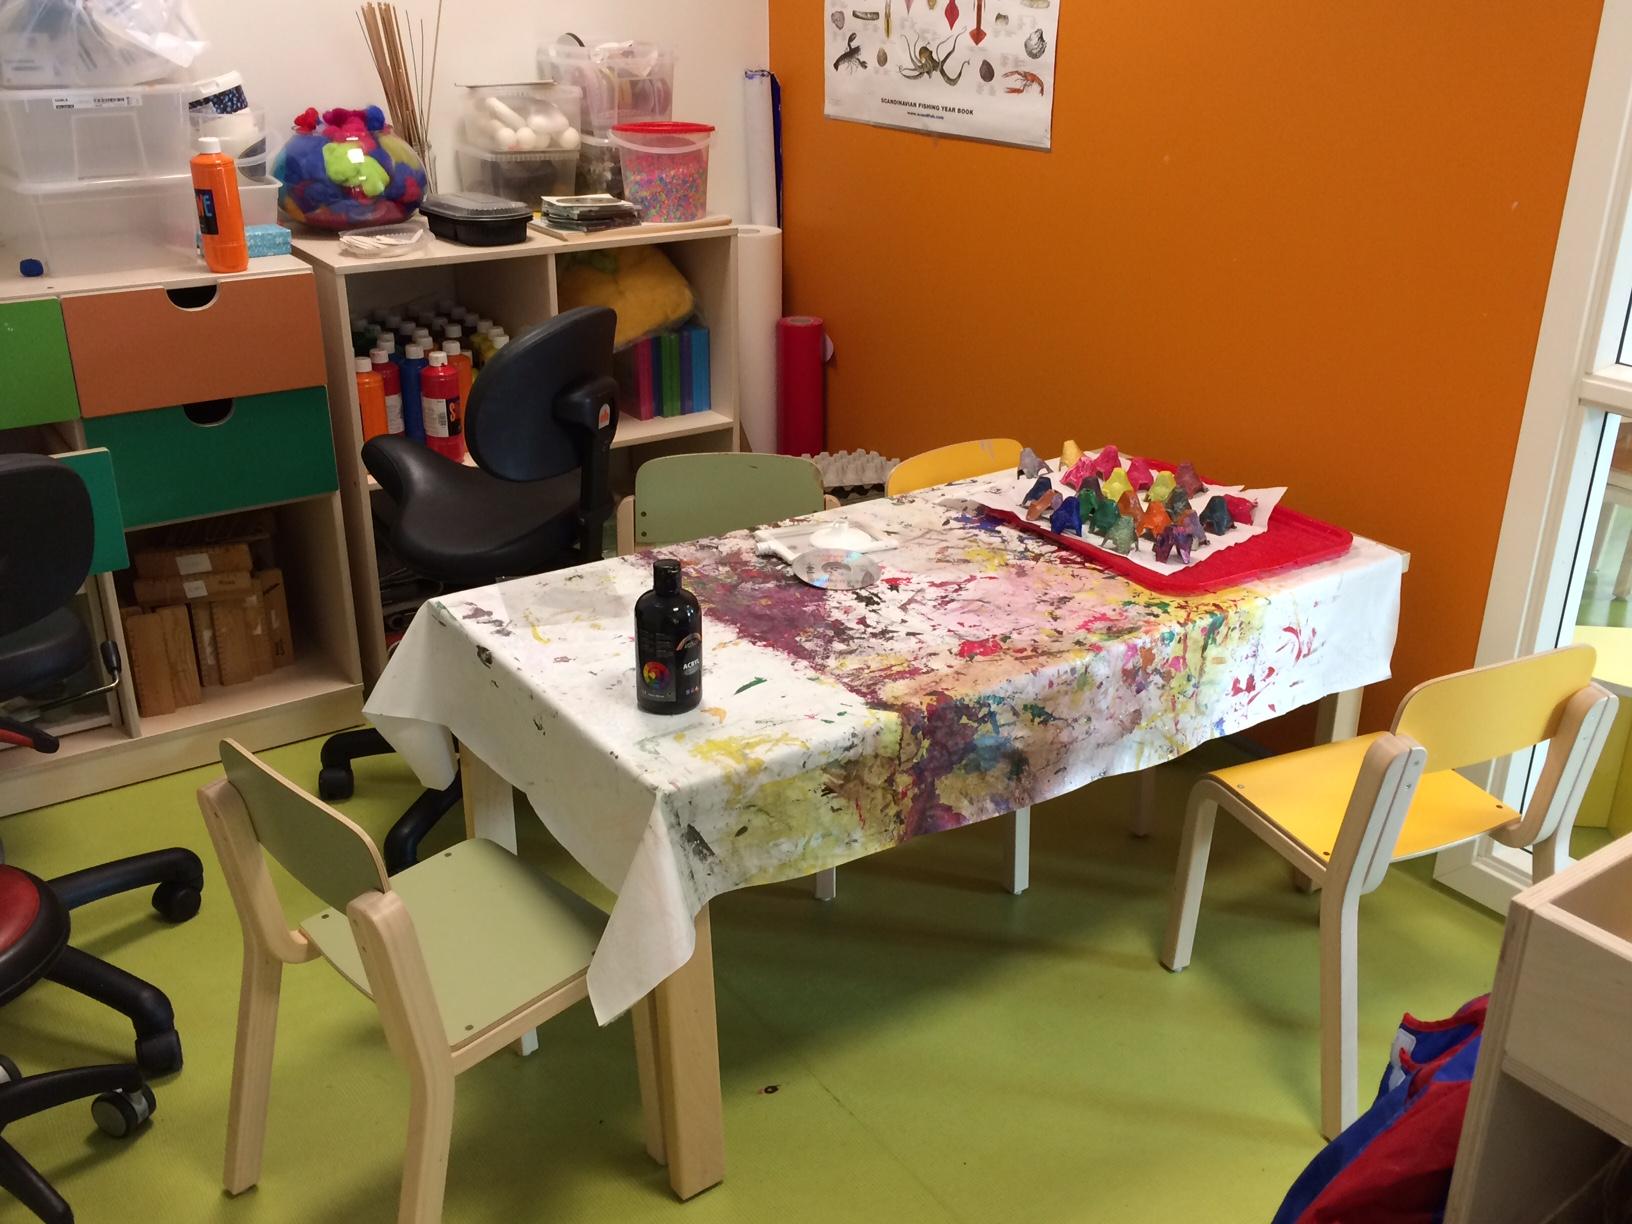 Bilde av bord med maling og pensler